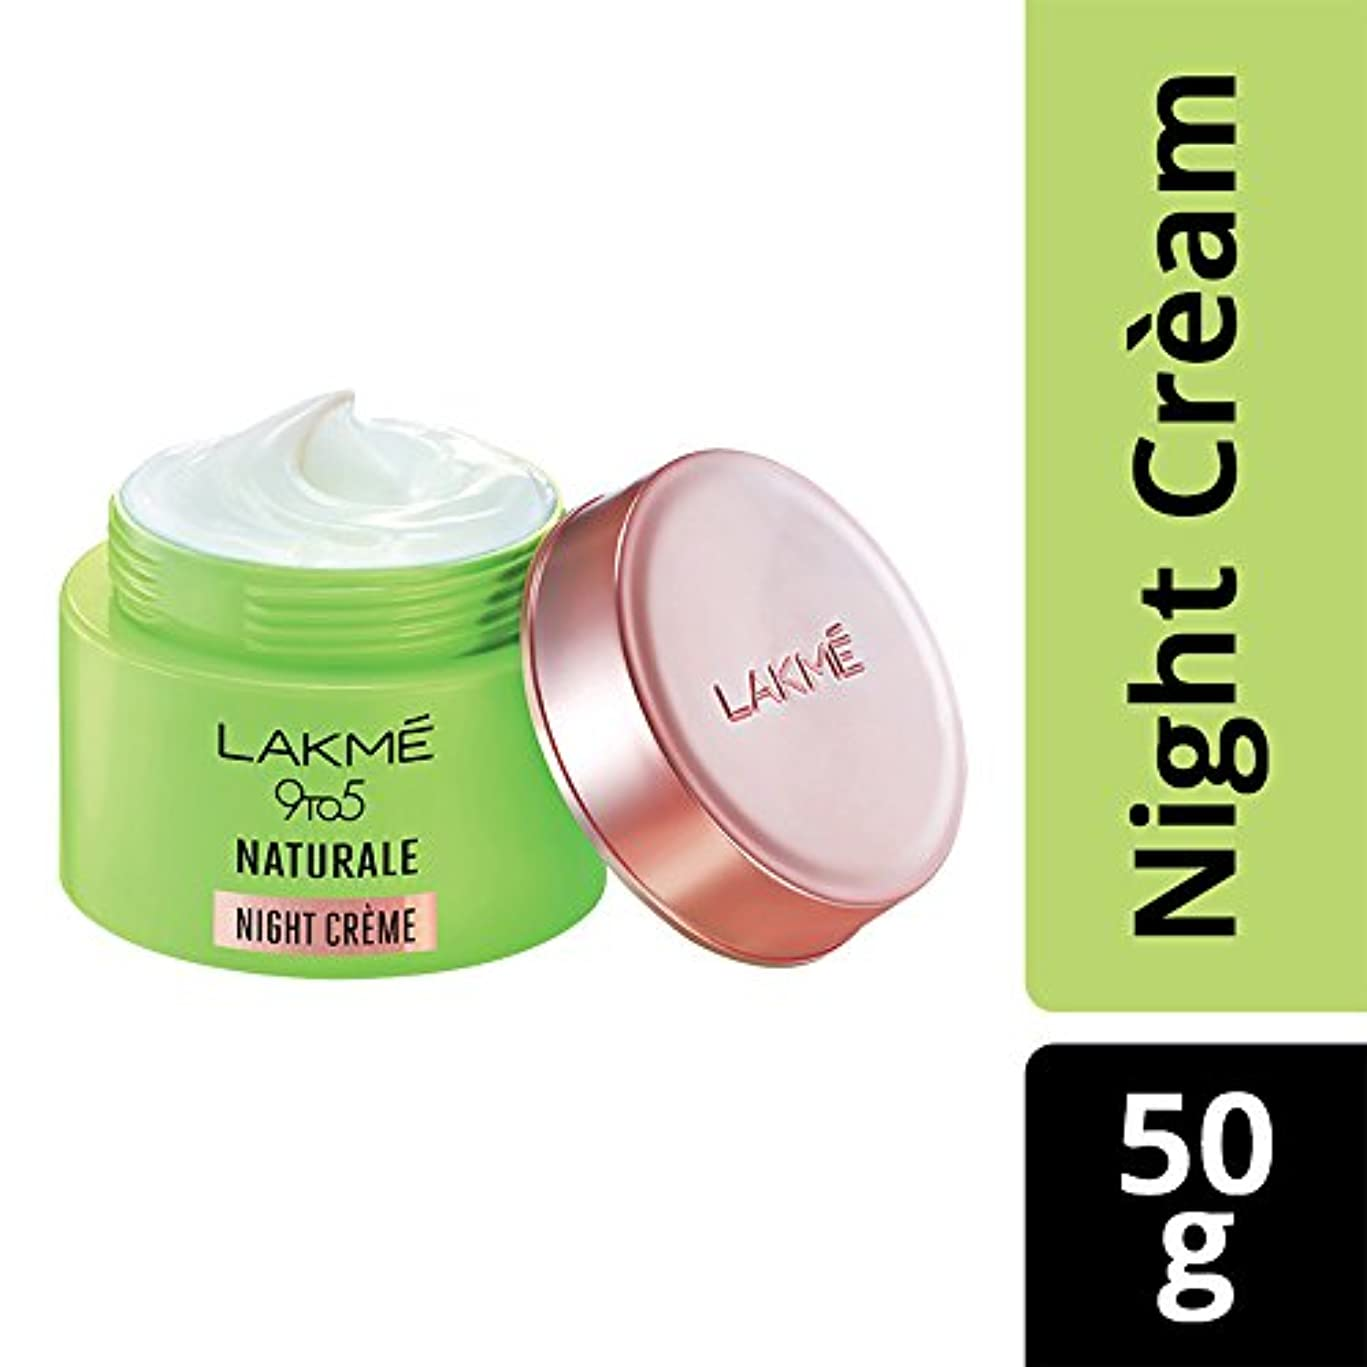 腕小説パラメータLakme 9 to 5 Naturale Night Creme, 50 g